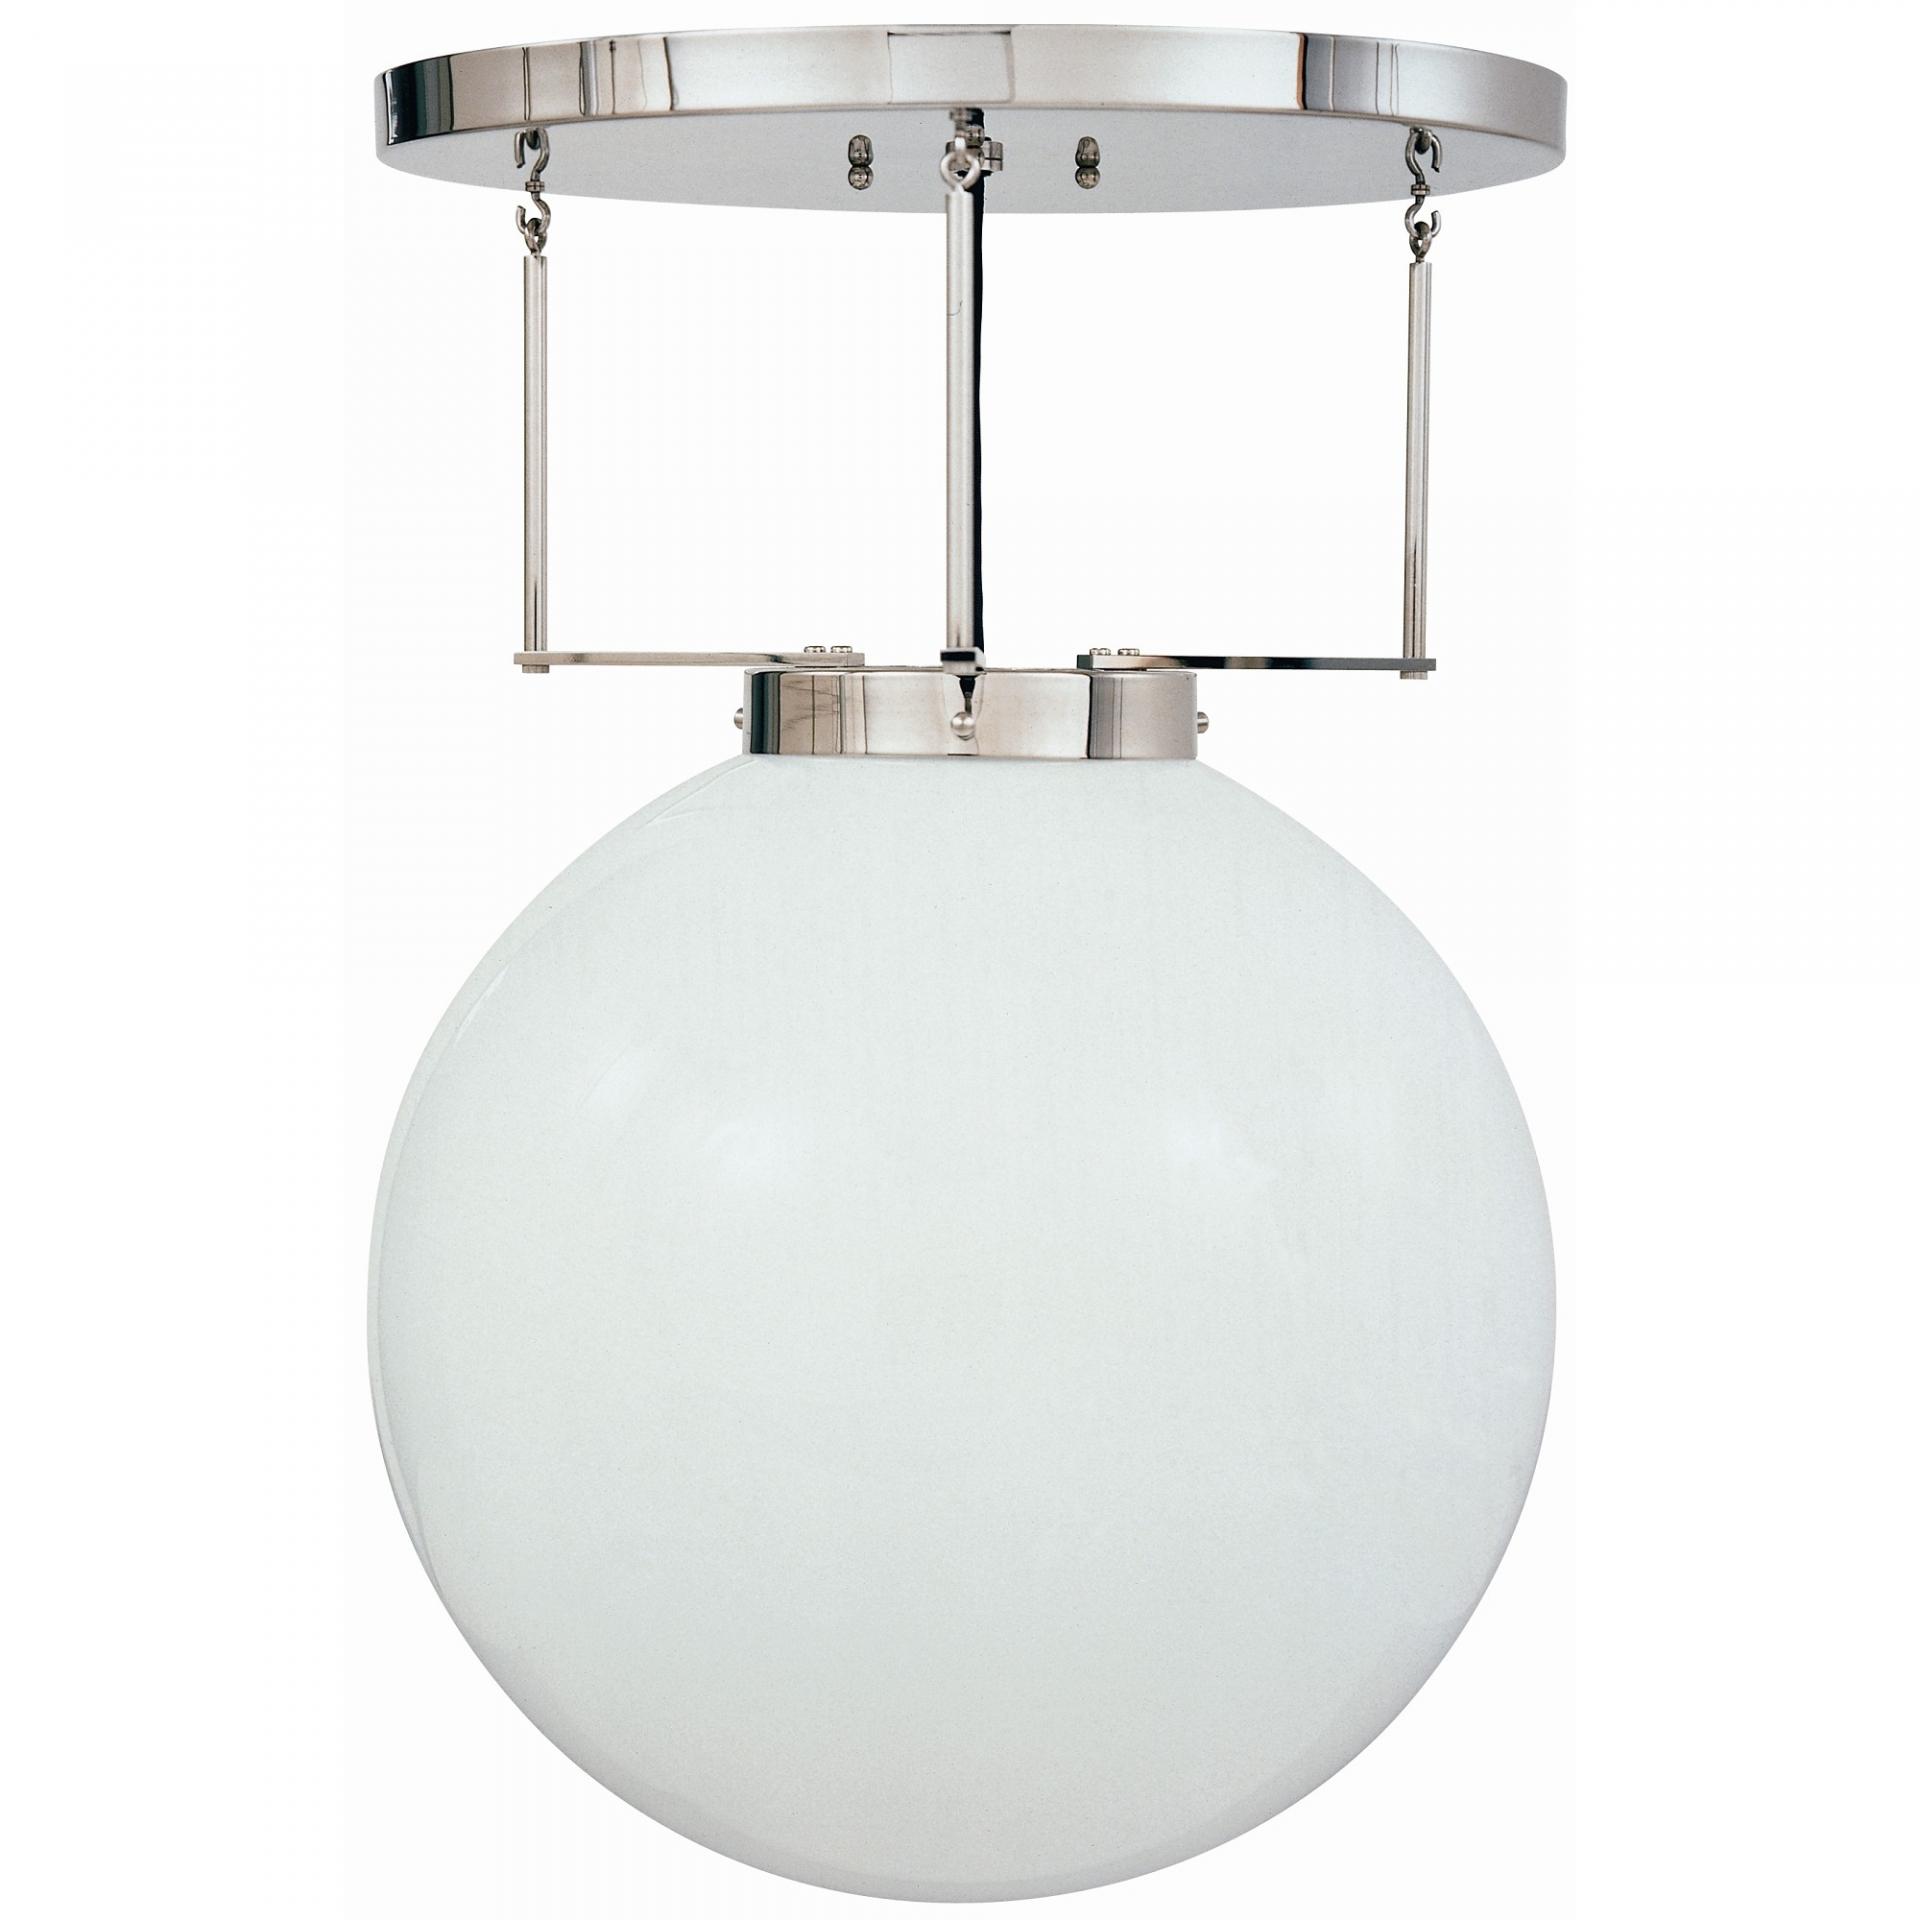 Tecnolumen designová závěsná svítidla DMB 26 (průměr 25 cm)